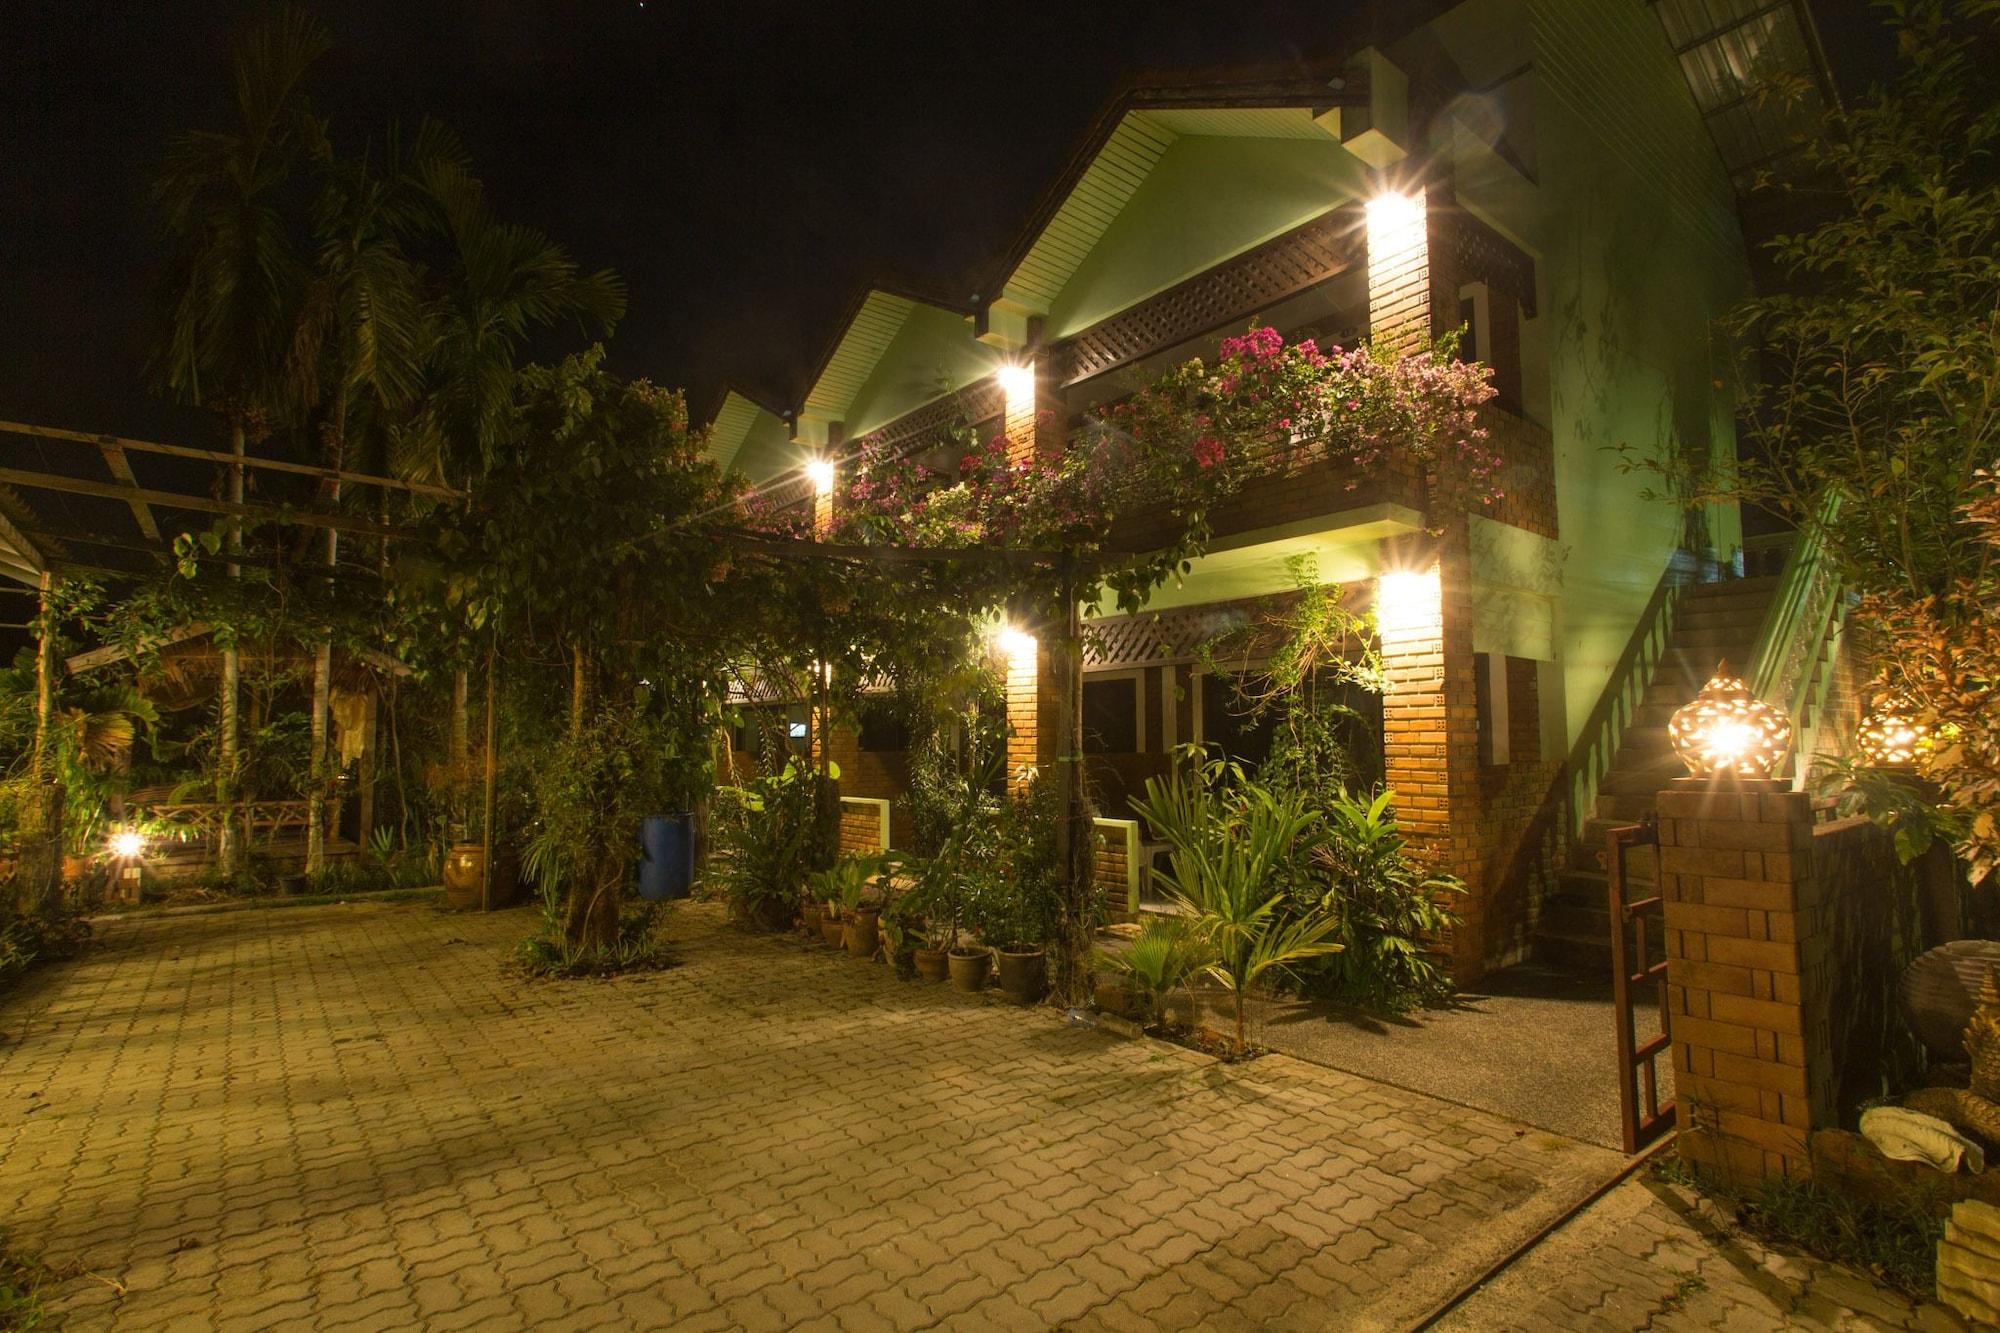 Ladda Resort, Takua Pa